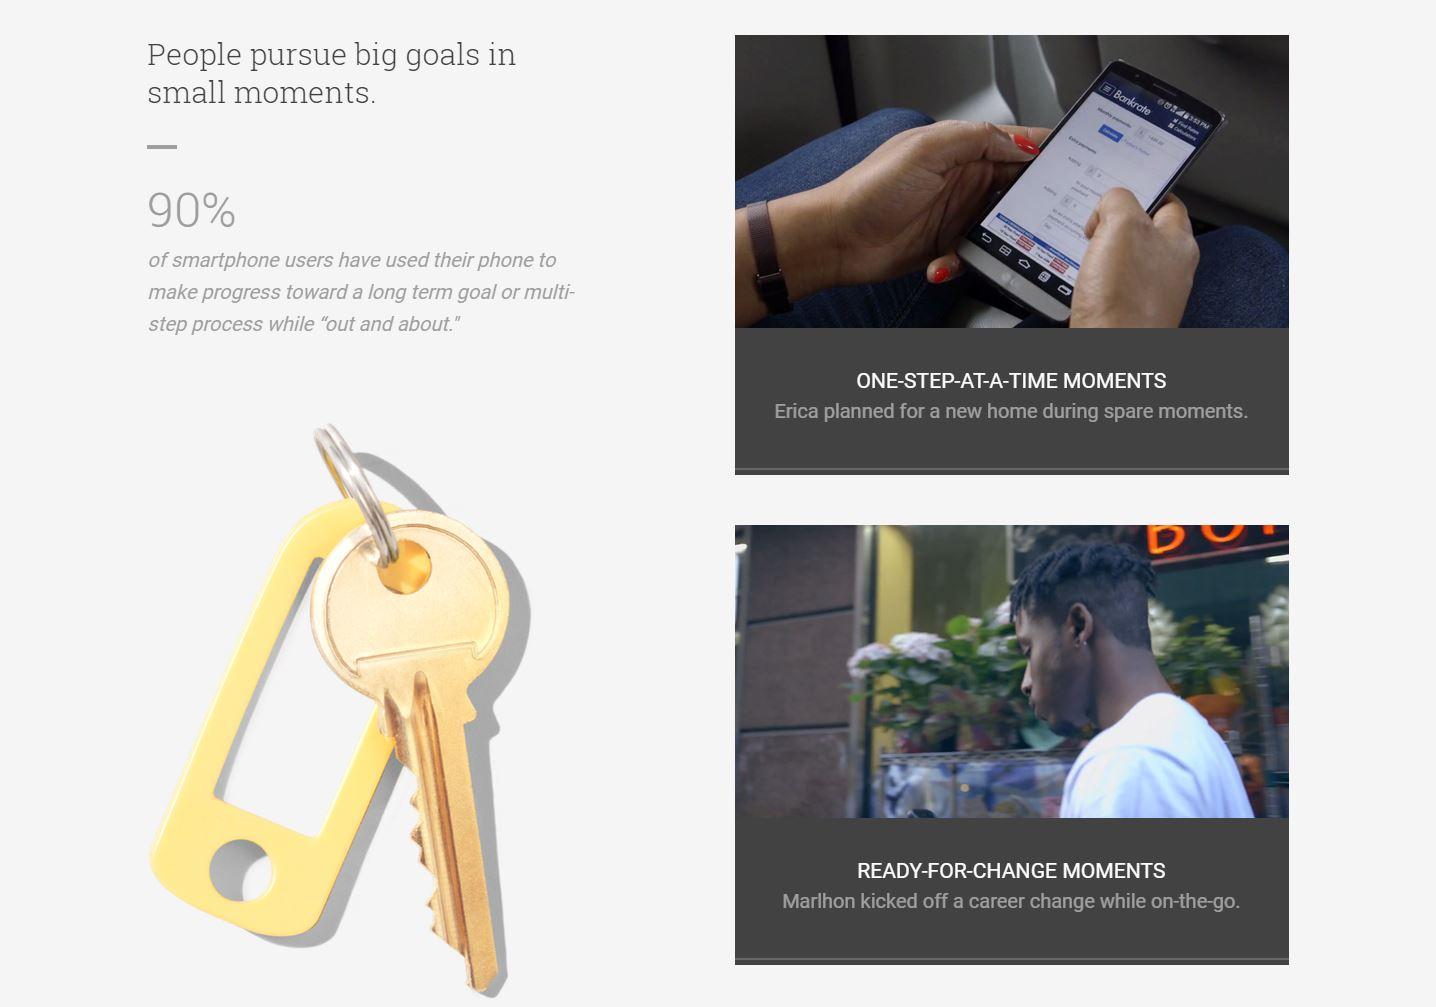 グーグル検索で旅行関連キーワードが20%増に、今後は「アプリ開発がカギ」 ー WIT Japan2015レポート